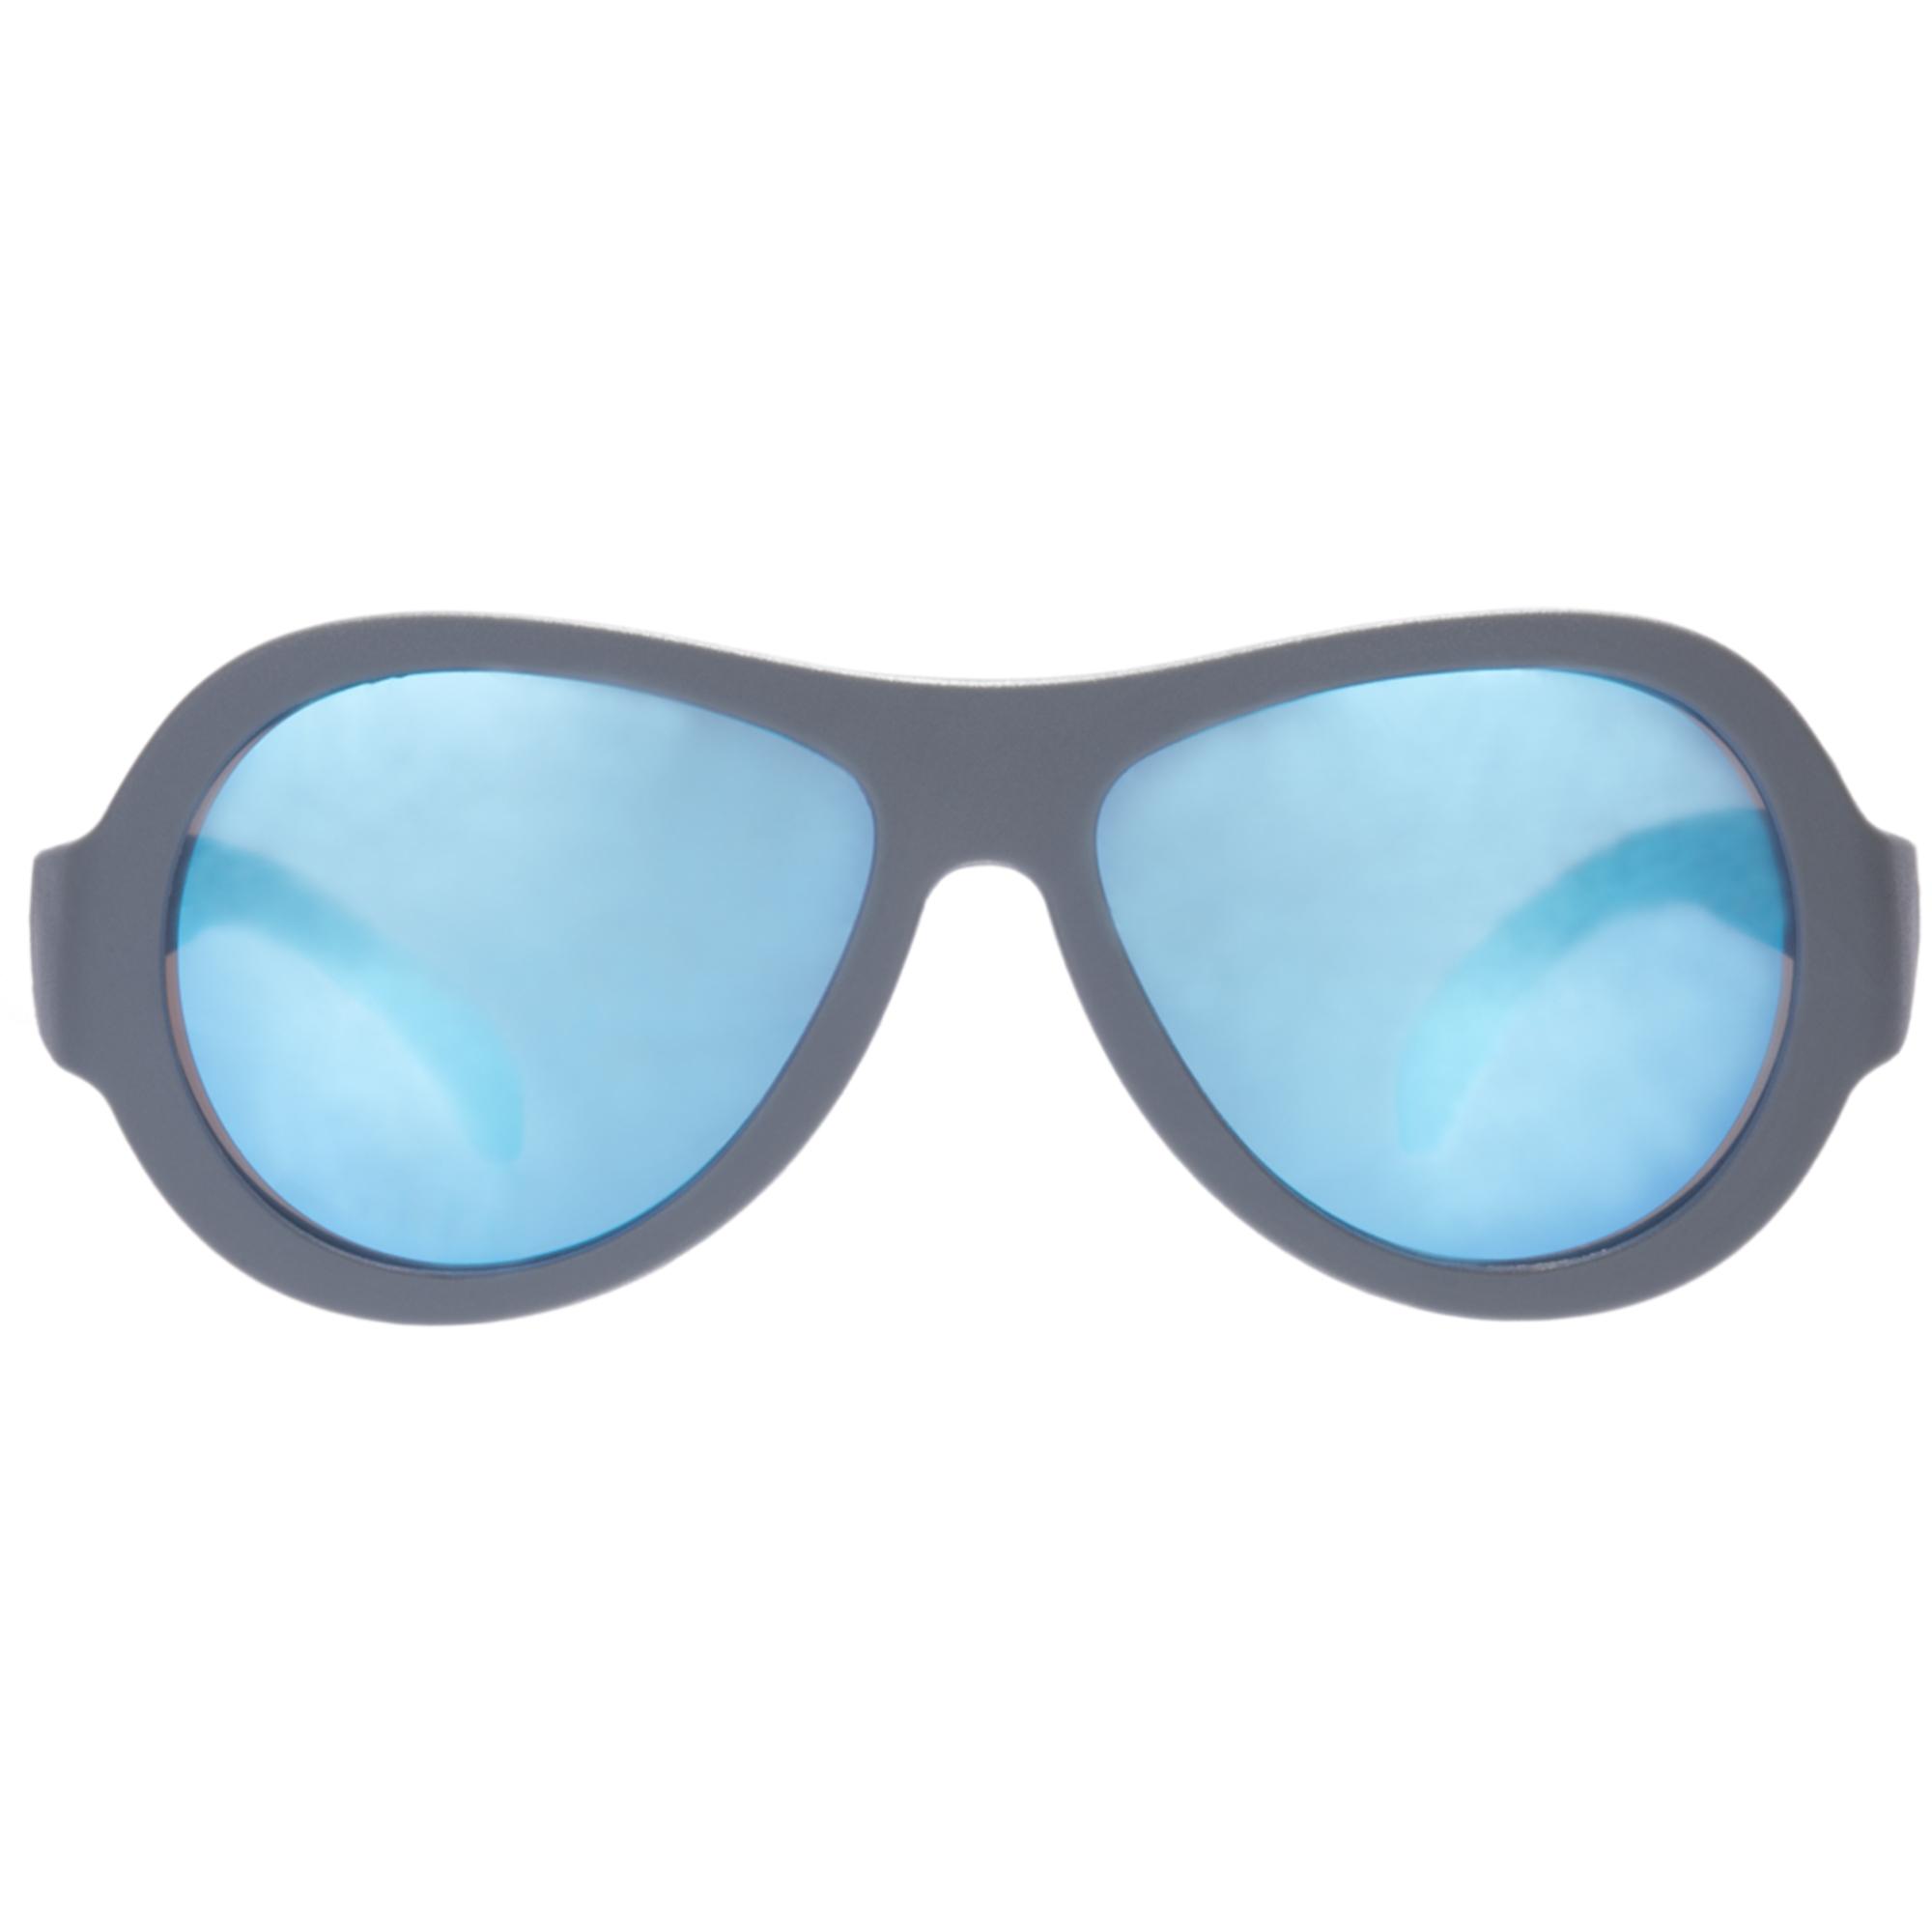 Ochelari de soare pentru copii, BABIATORS, Premium-Blue Steel Classic. 3-5 ani